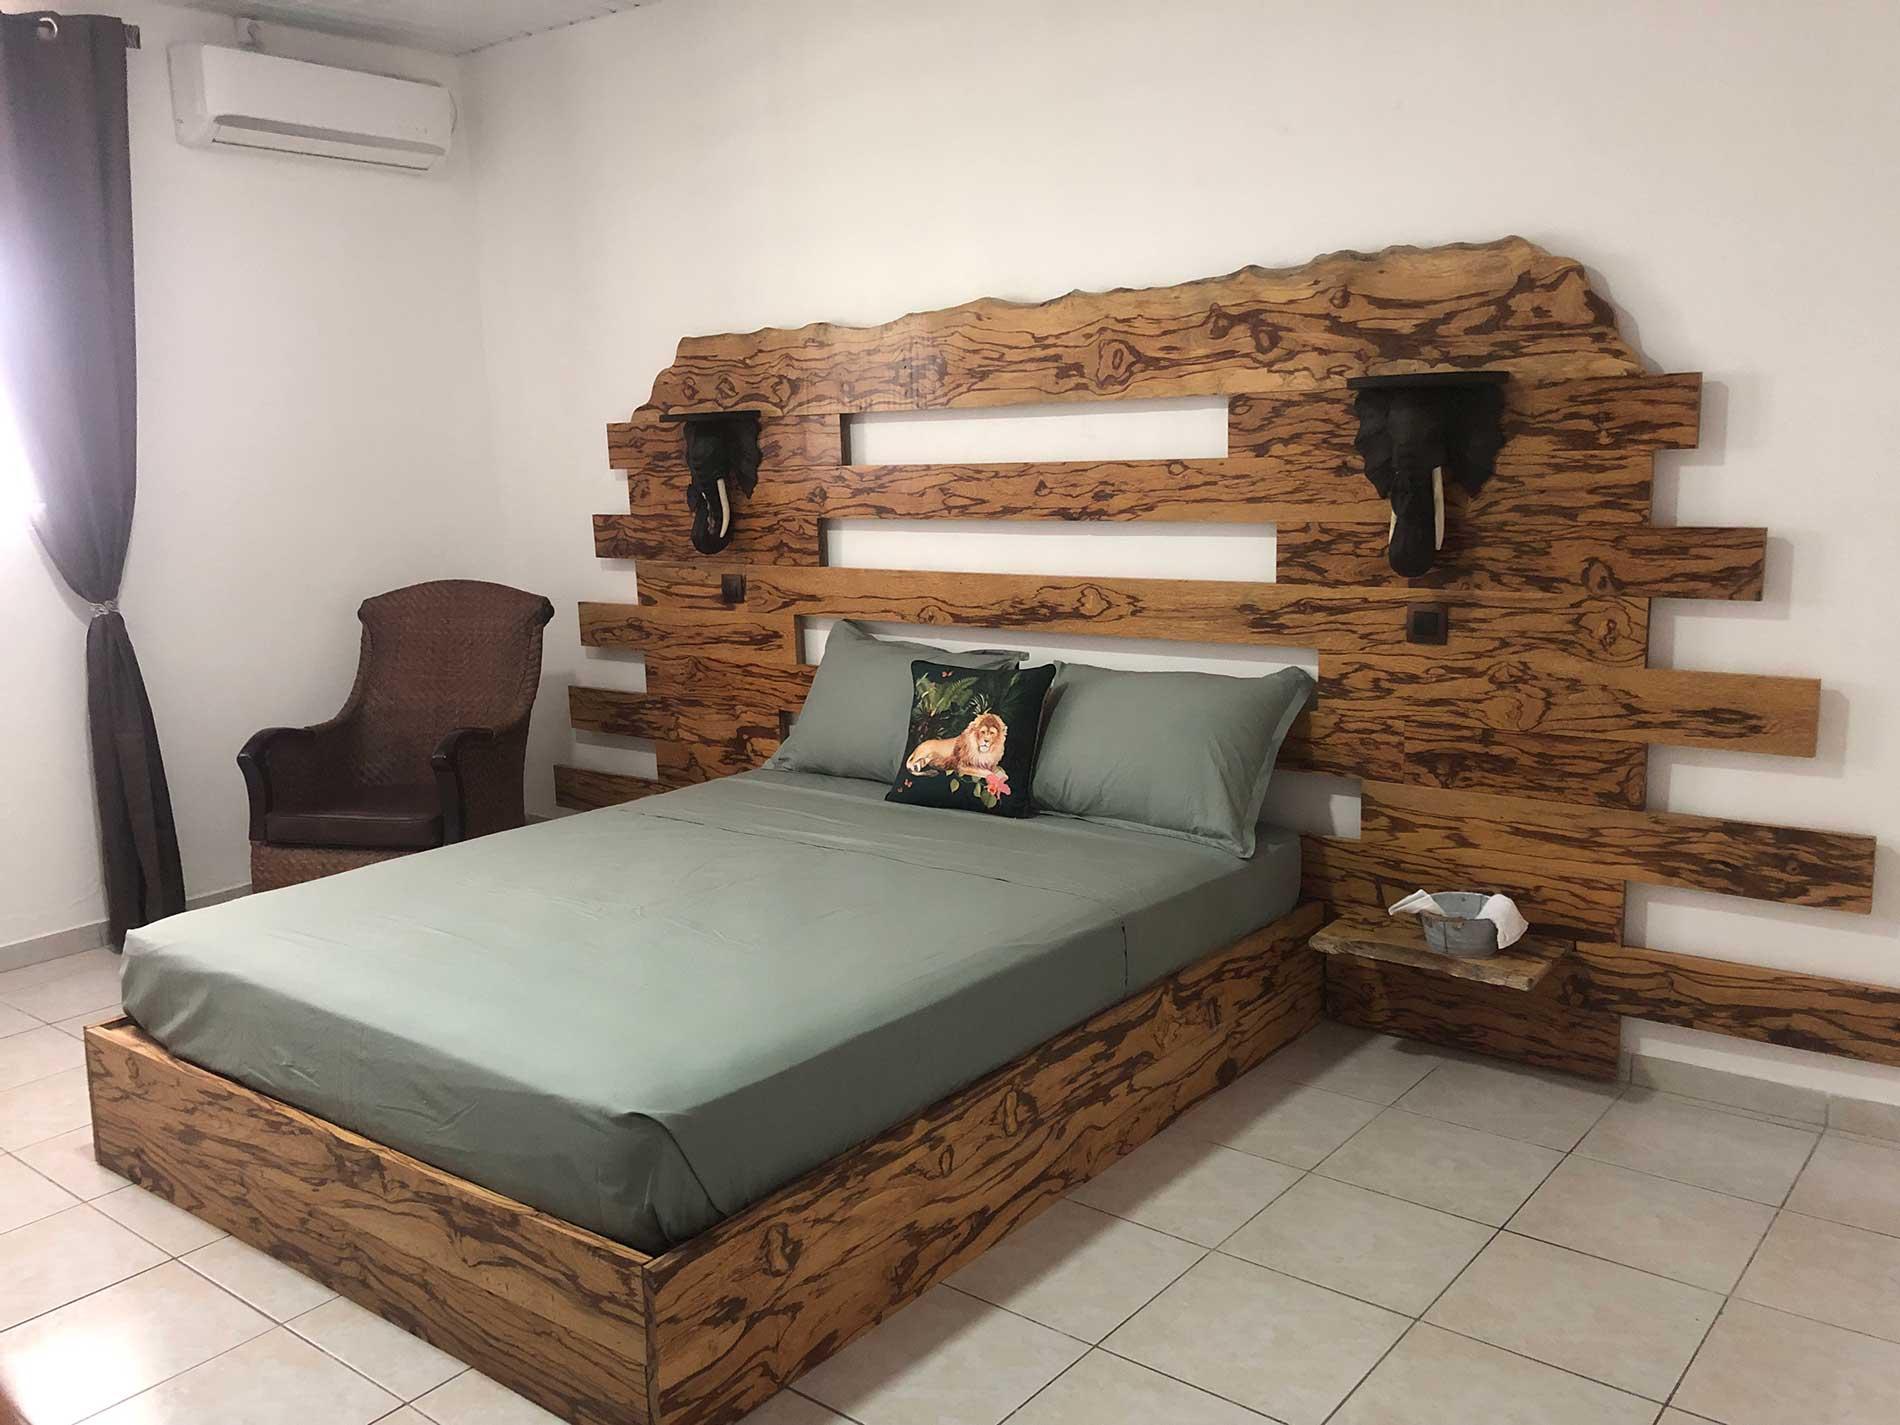 Le lit en bois serpent comprend deux appliques en ébène en forme d'éléphant, deux tablettes et un éclairage indirect très confortable.